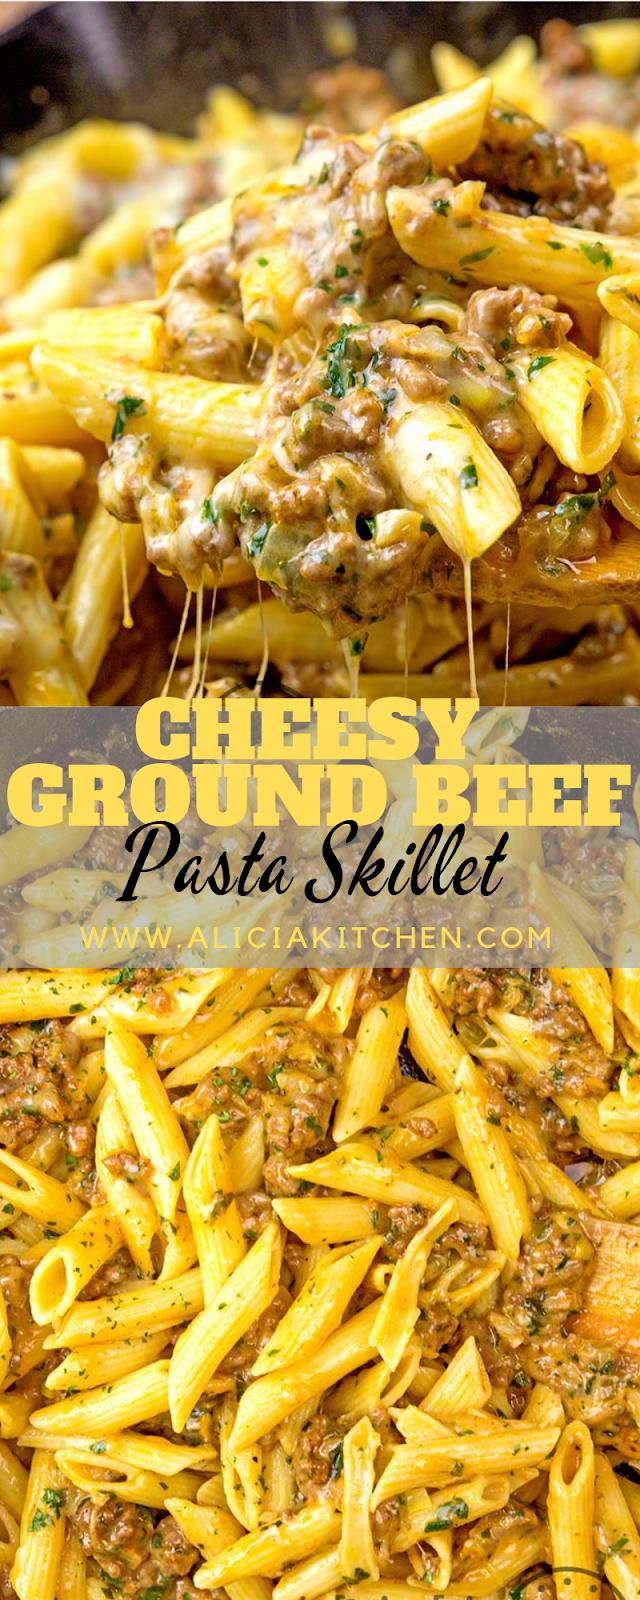 CHEESY GROUND BEEF PASTA SKILLET - Update Recipes #groundbeefrecipesfordinner